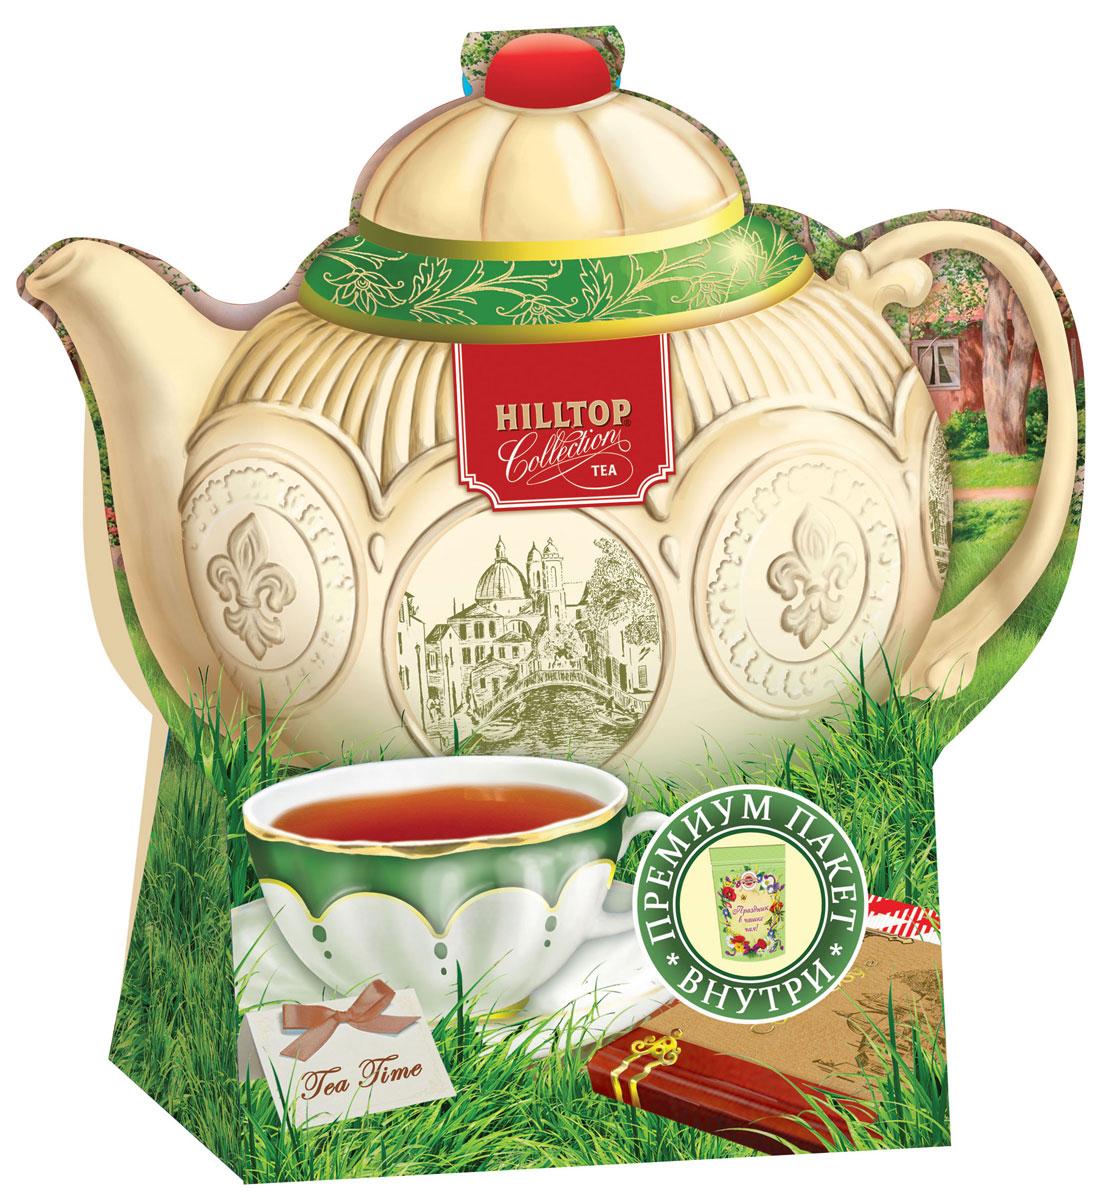 Hilltop Подарок Цейлона черный листовой чай, 80 г (чайник Английский) hilltoр волшебный дед мороз чай черный листовой подарок цейлона 80 г